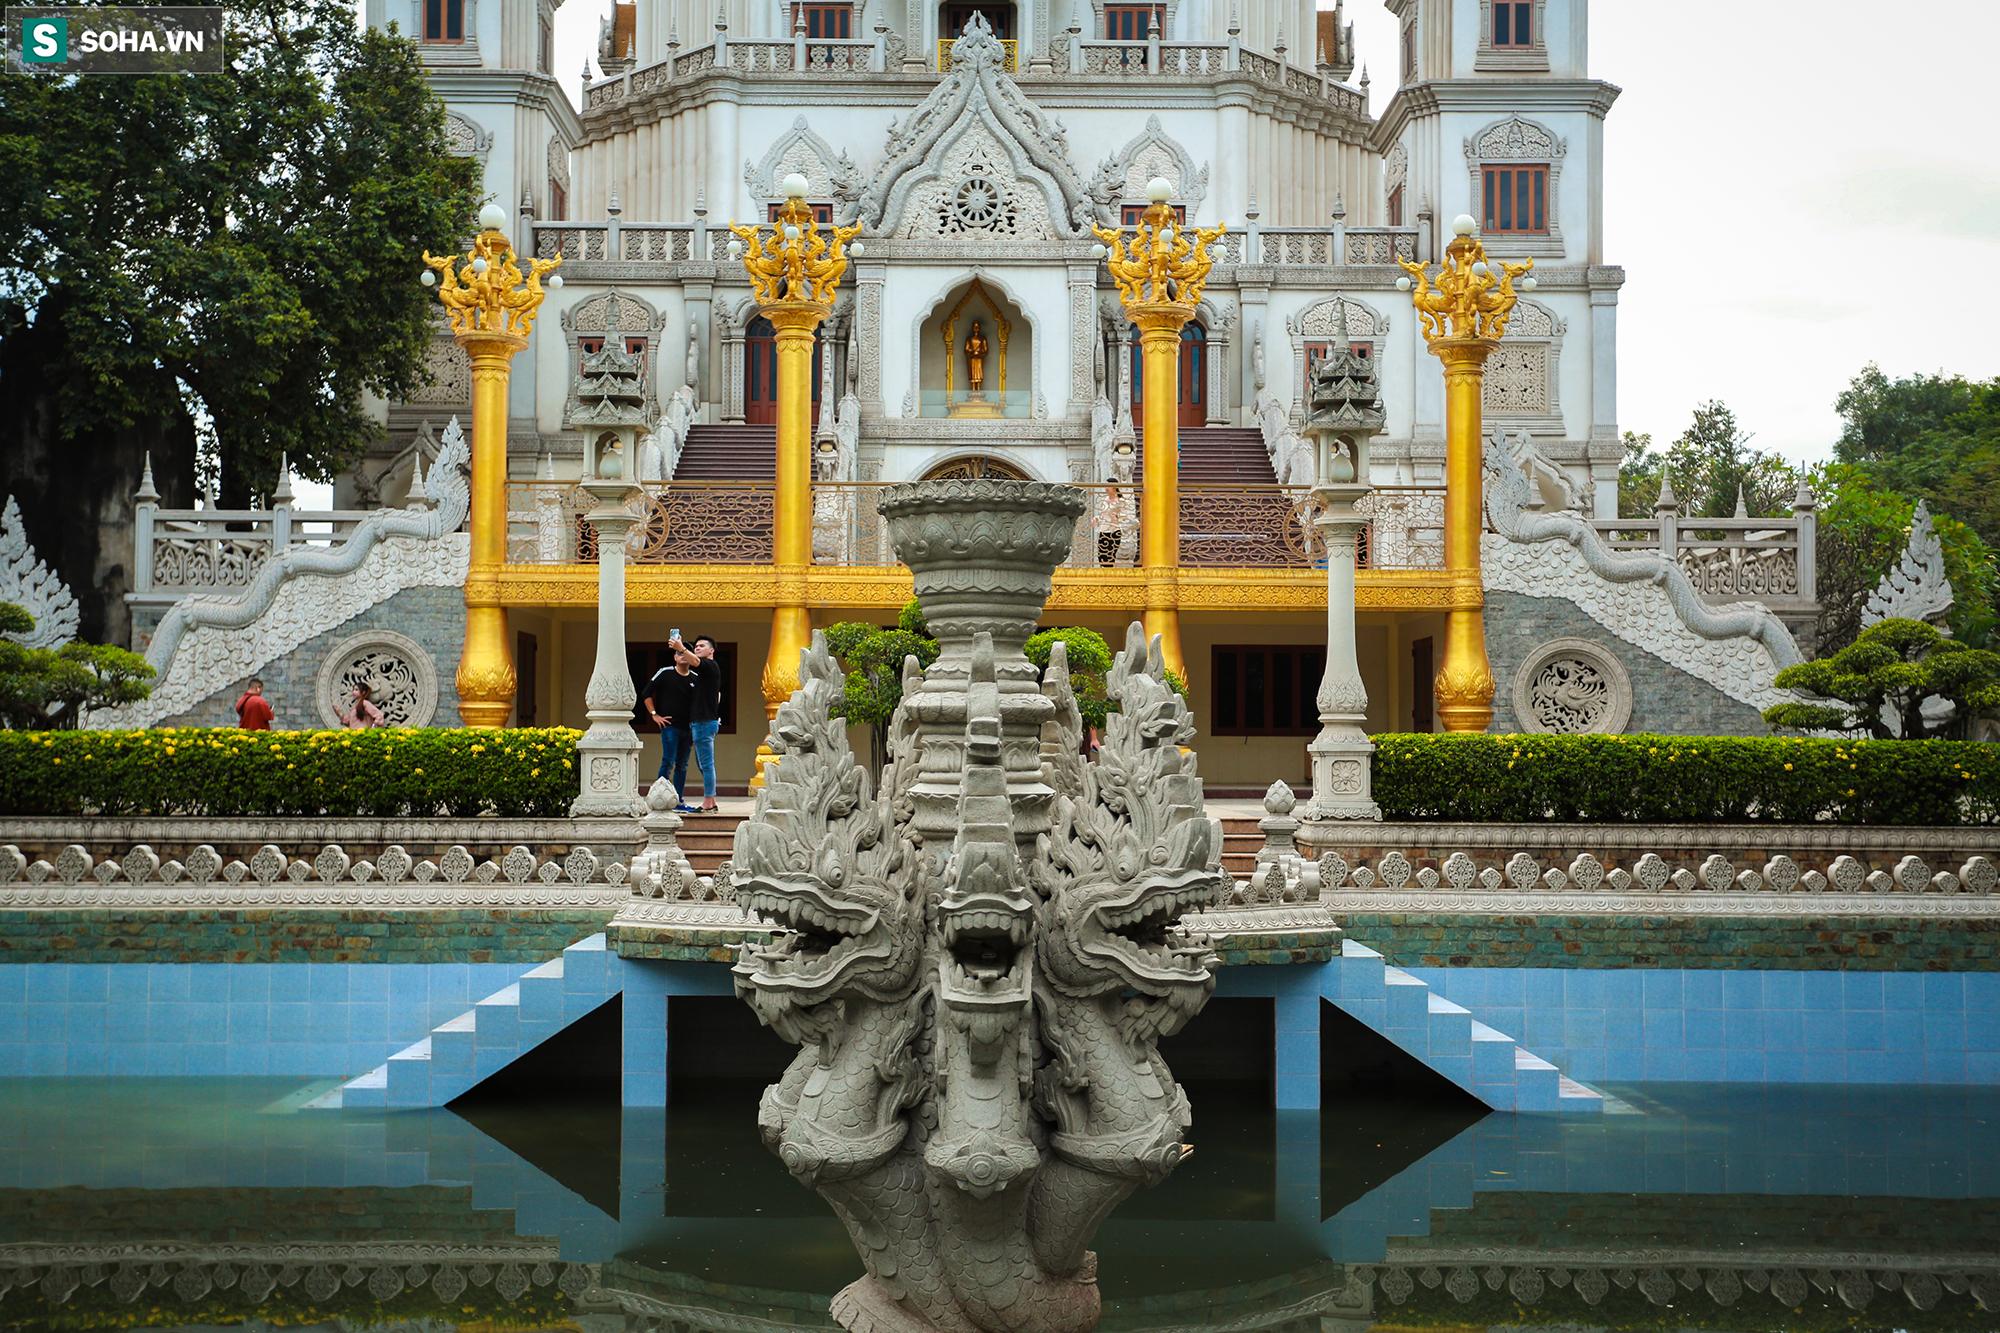 [Ảnh] Ngắm vẻ đẹp huyền bí của ngôi chùa lọt top đẹp nhất thế giới tọa lạc tại TP.Thủ Đức - Ảnh 4.